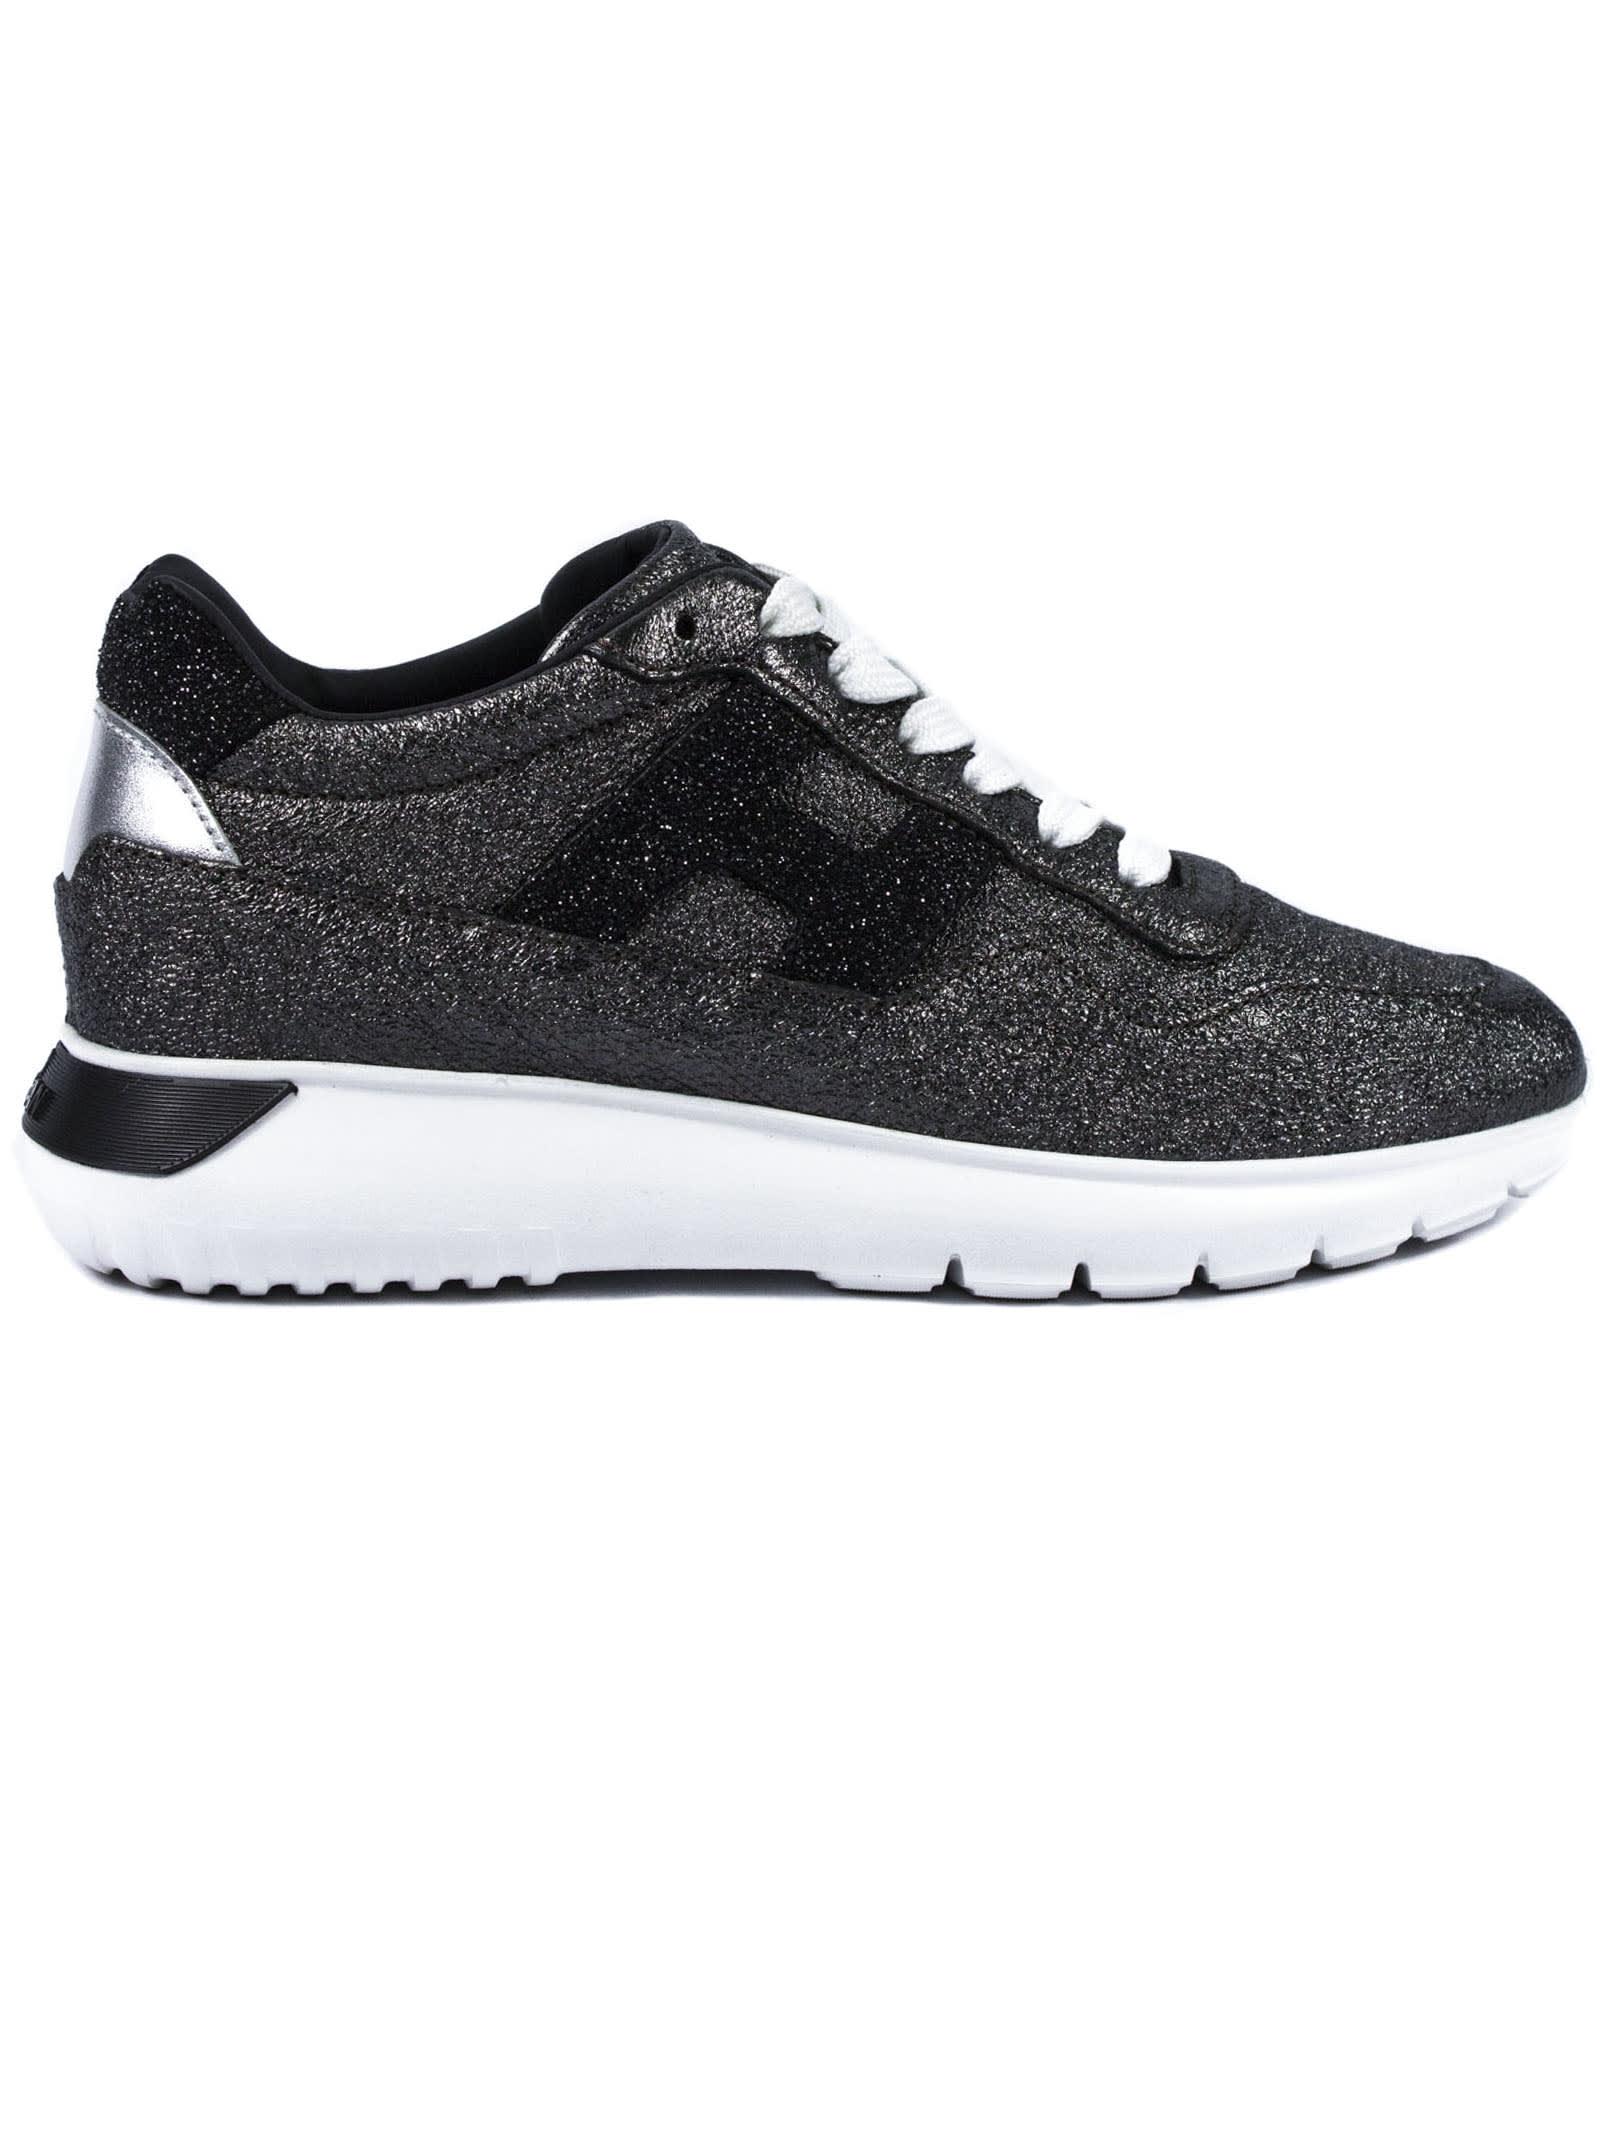 Hogan Metallic Interactive³ Sneakers